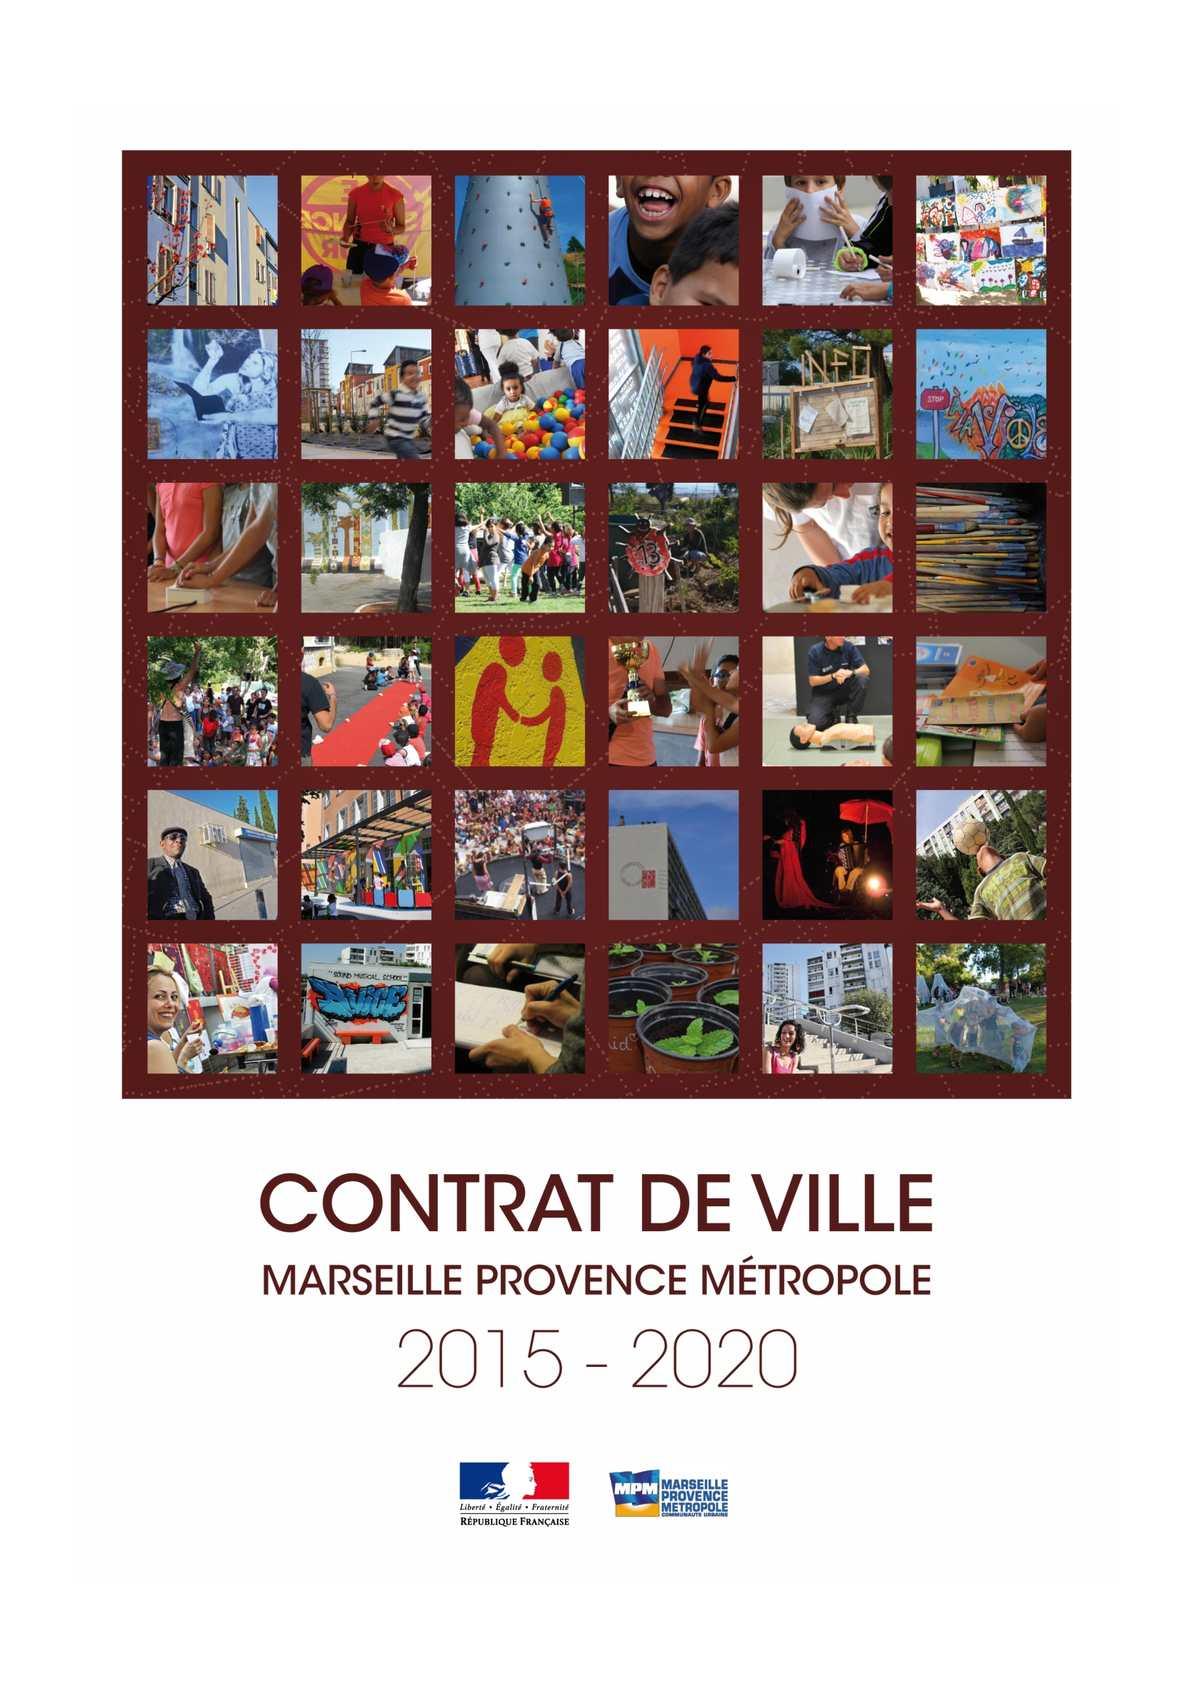 Contrat De Ville Marseille Provence Métropole 2015 - 2020